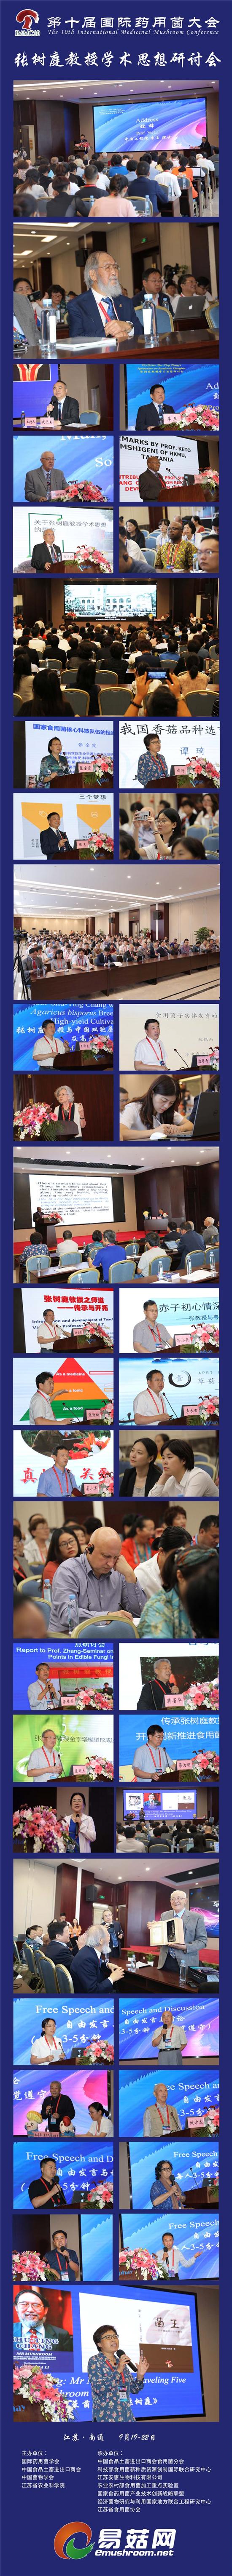 张树庭教授学术思想研讨会